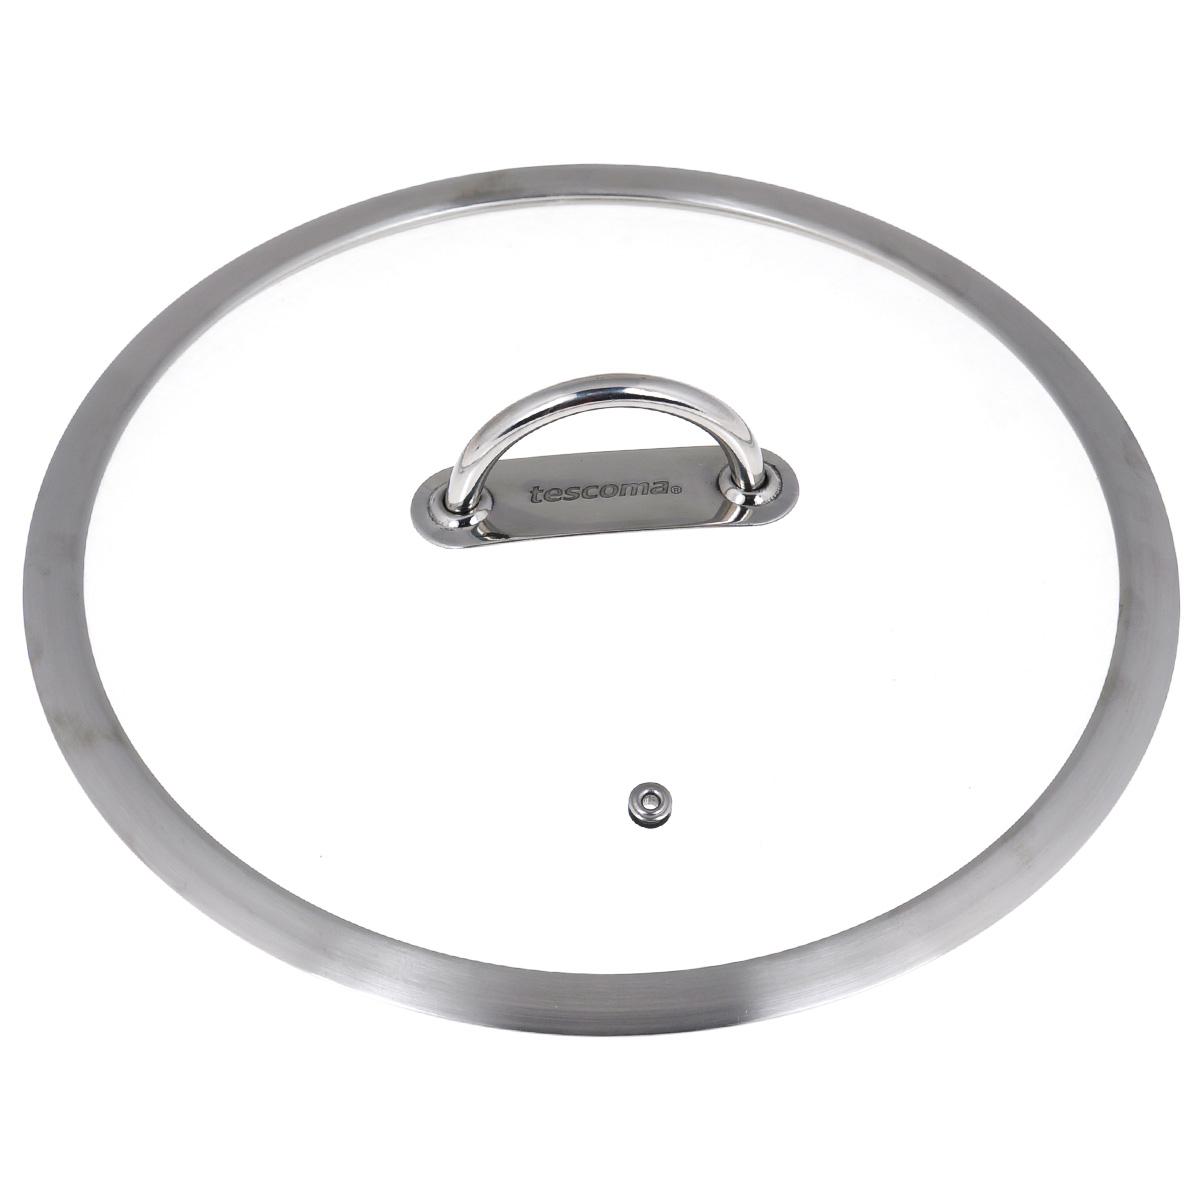 Крышка стеклянная Tescoma Vision. Диаметр 26 см779826Крышка Tescoma Vision изготовлена из термостойкого стекла. Обод, выполненный из высококачественной нержавеющей стали, защищает крышку от повреждений. Удобная, ненагревающаяся ручка также выполнена из нержавеющей стали. Изделие оснащено пароотводом. Крышка удобна в использовании и позволяет контролировать процесс приготовления пищи. Можно мыть в посудомоечной машине.